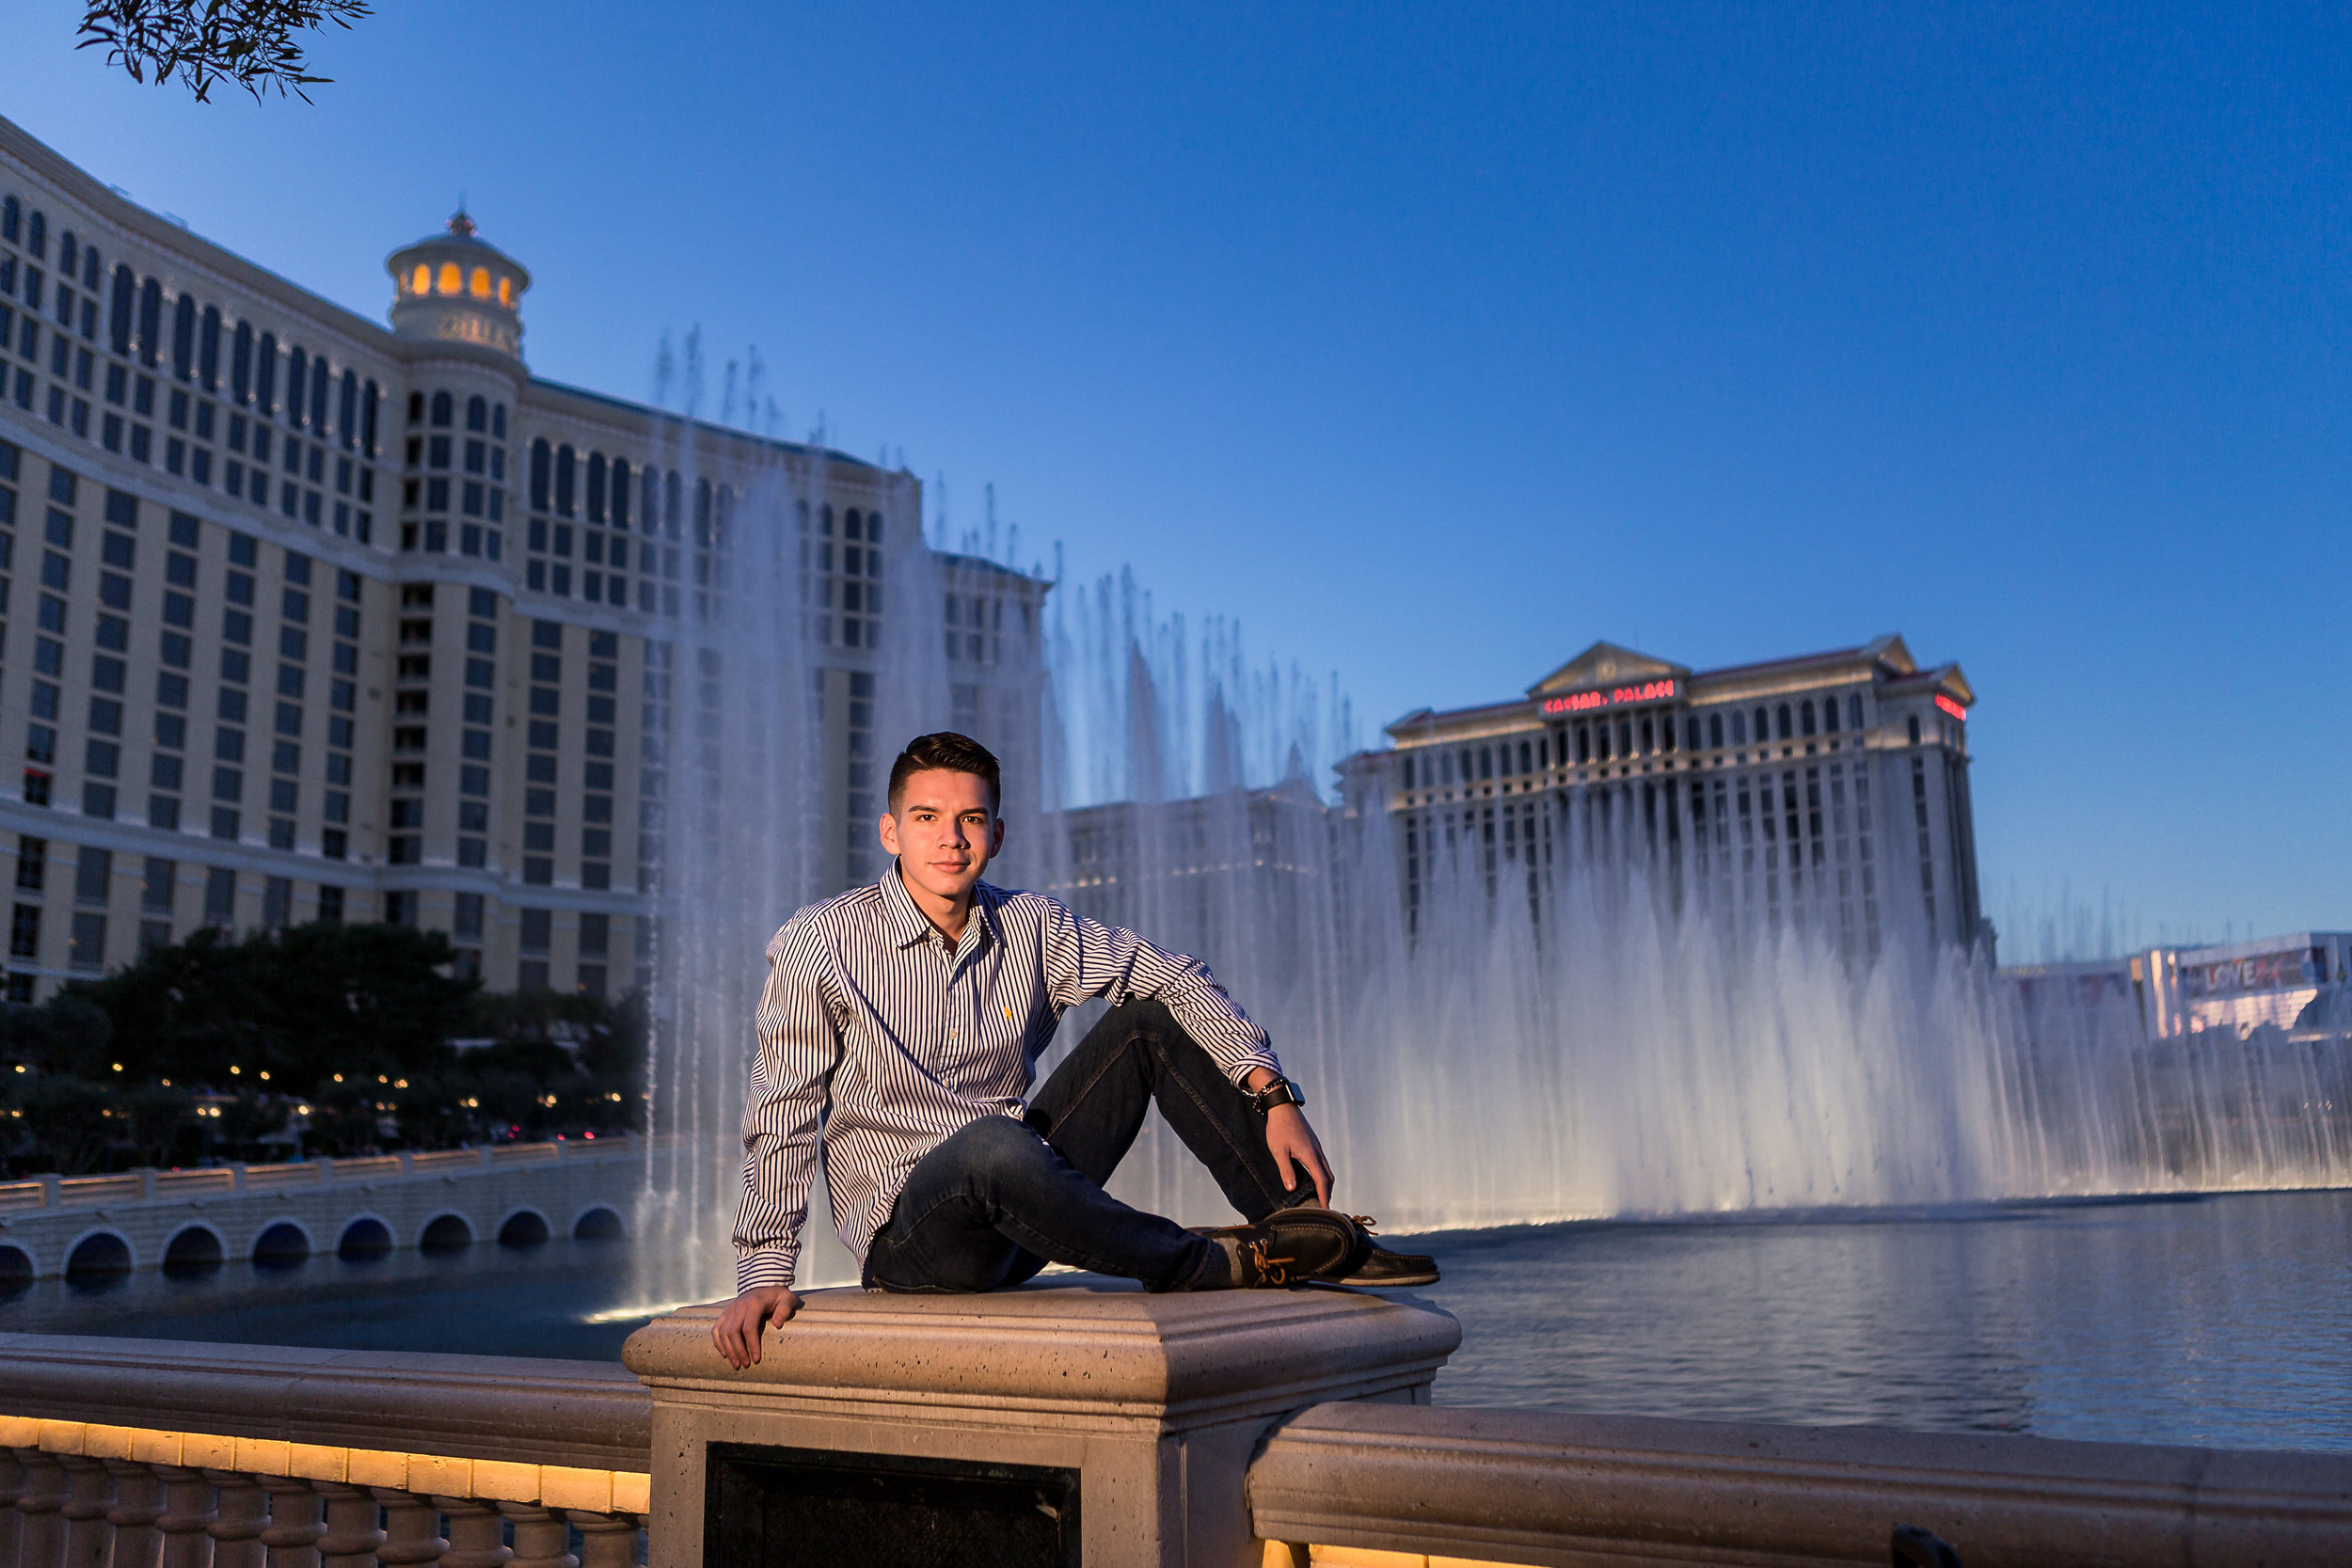 Las_Vegas_HS_Senior_Photos_Bellagio_Paris_Caesars_Portraits-0157.jpg